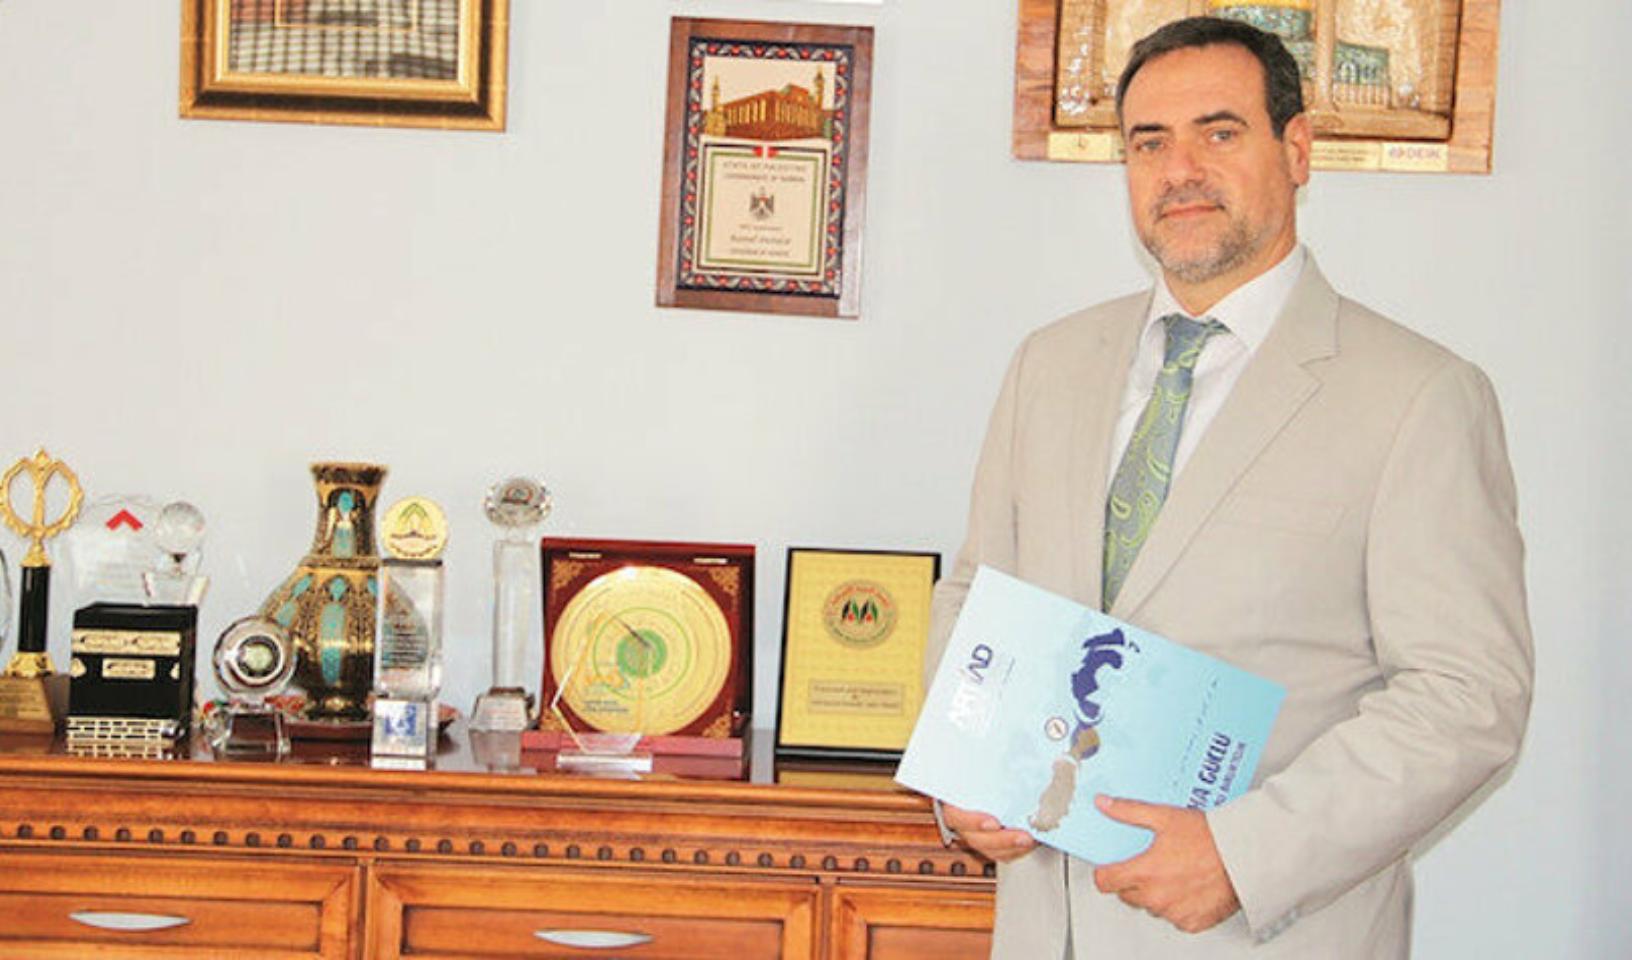 العرب متشوقون للاستثمار في تركيا .. وعملنا على تطوير التجارة الالكترونية